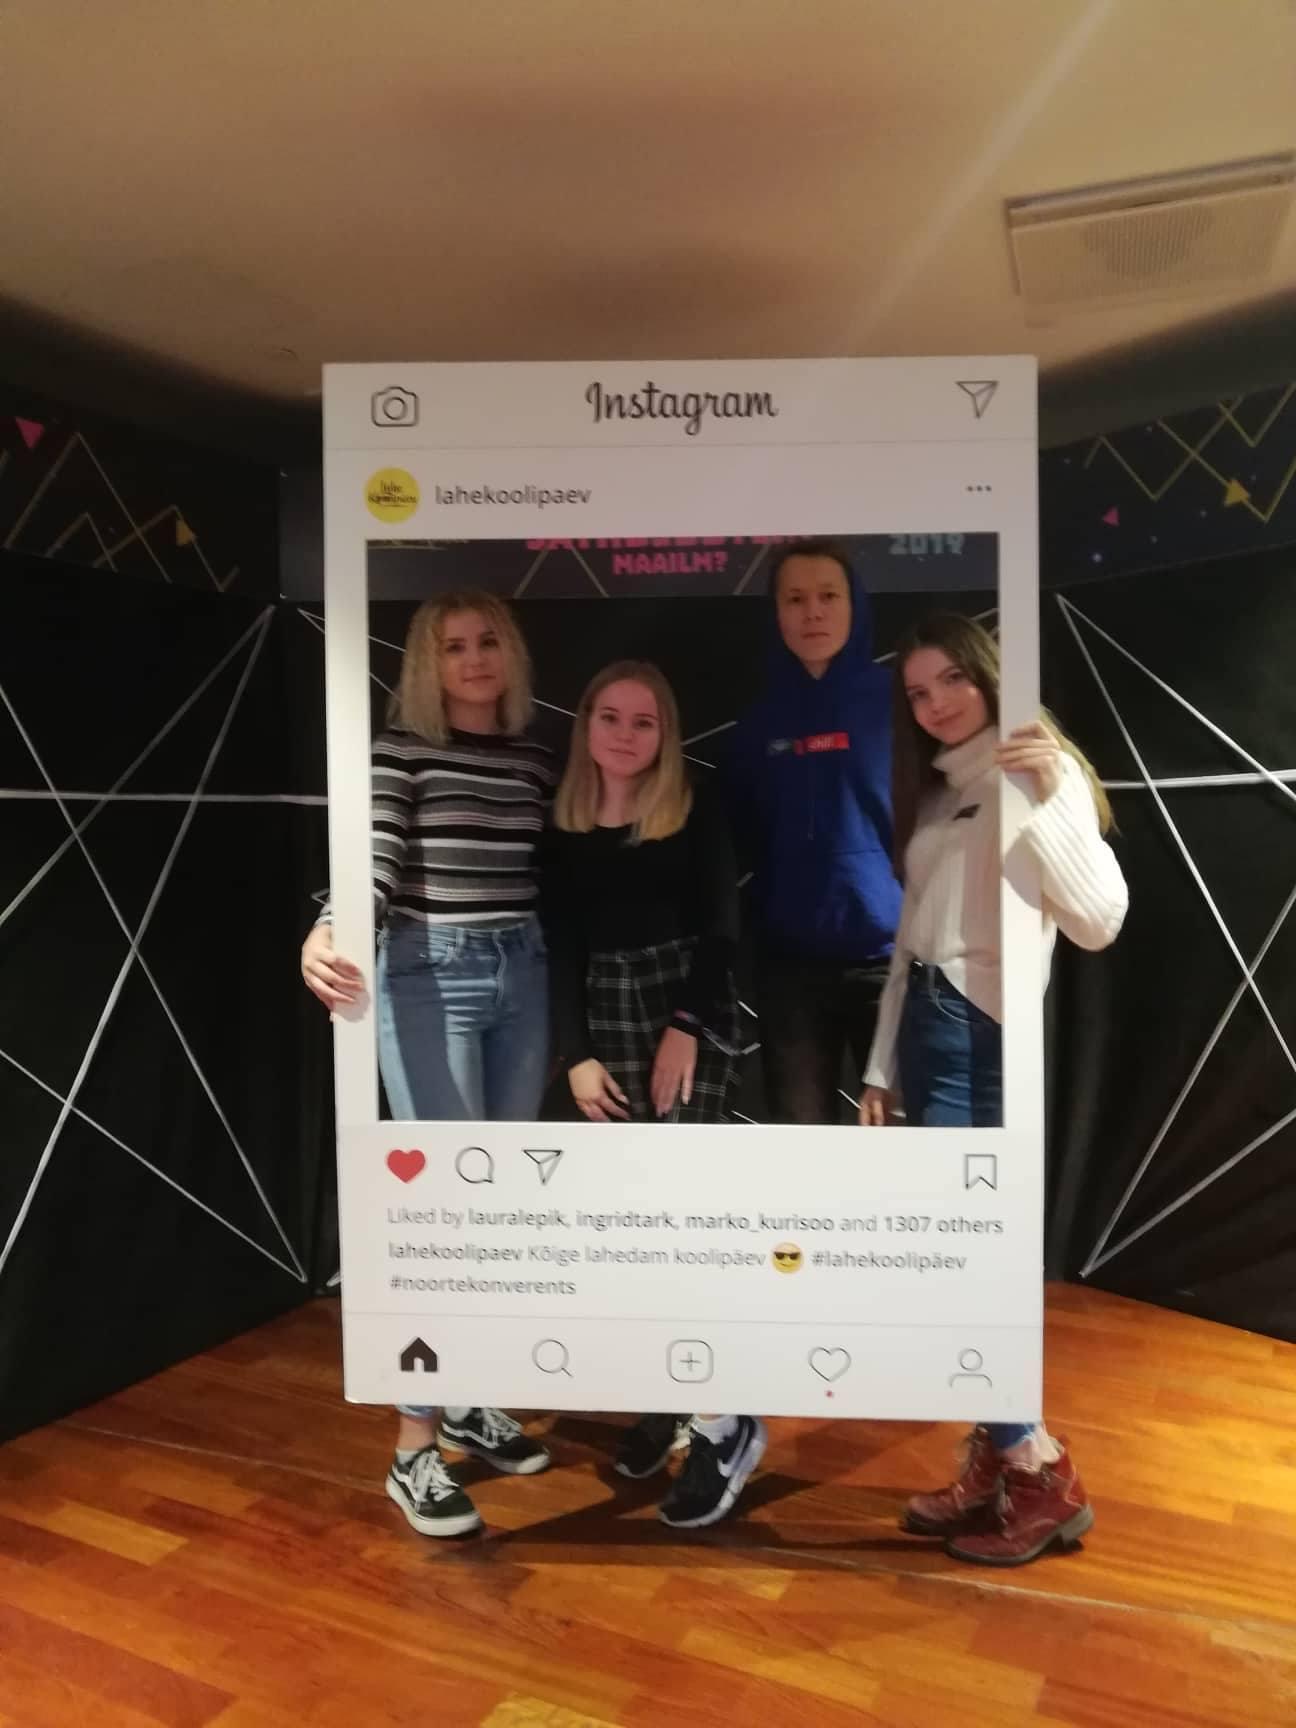 Helena-Karmen, Liisi, Karl-Reedik ja Darelyan noortekonverentsil Lahe Koolipäev